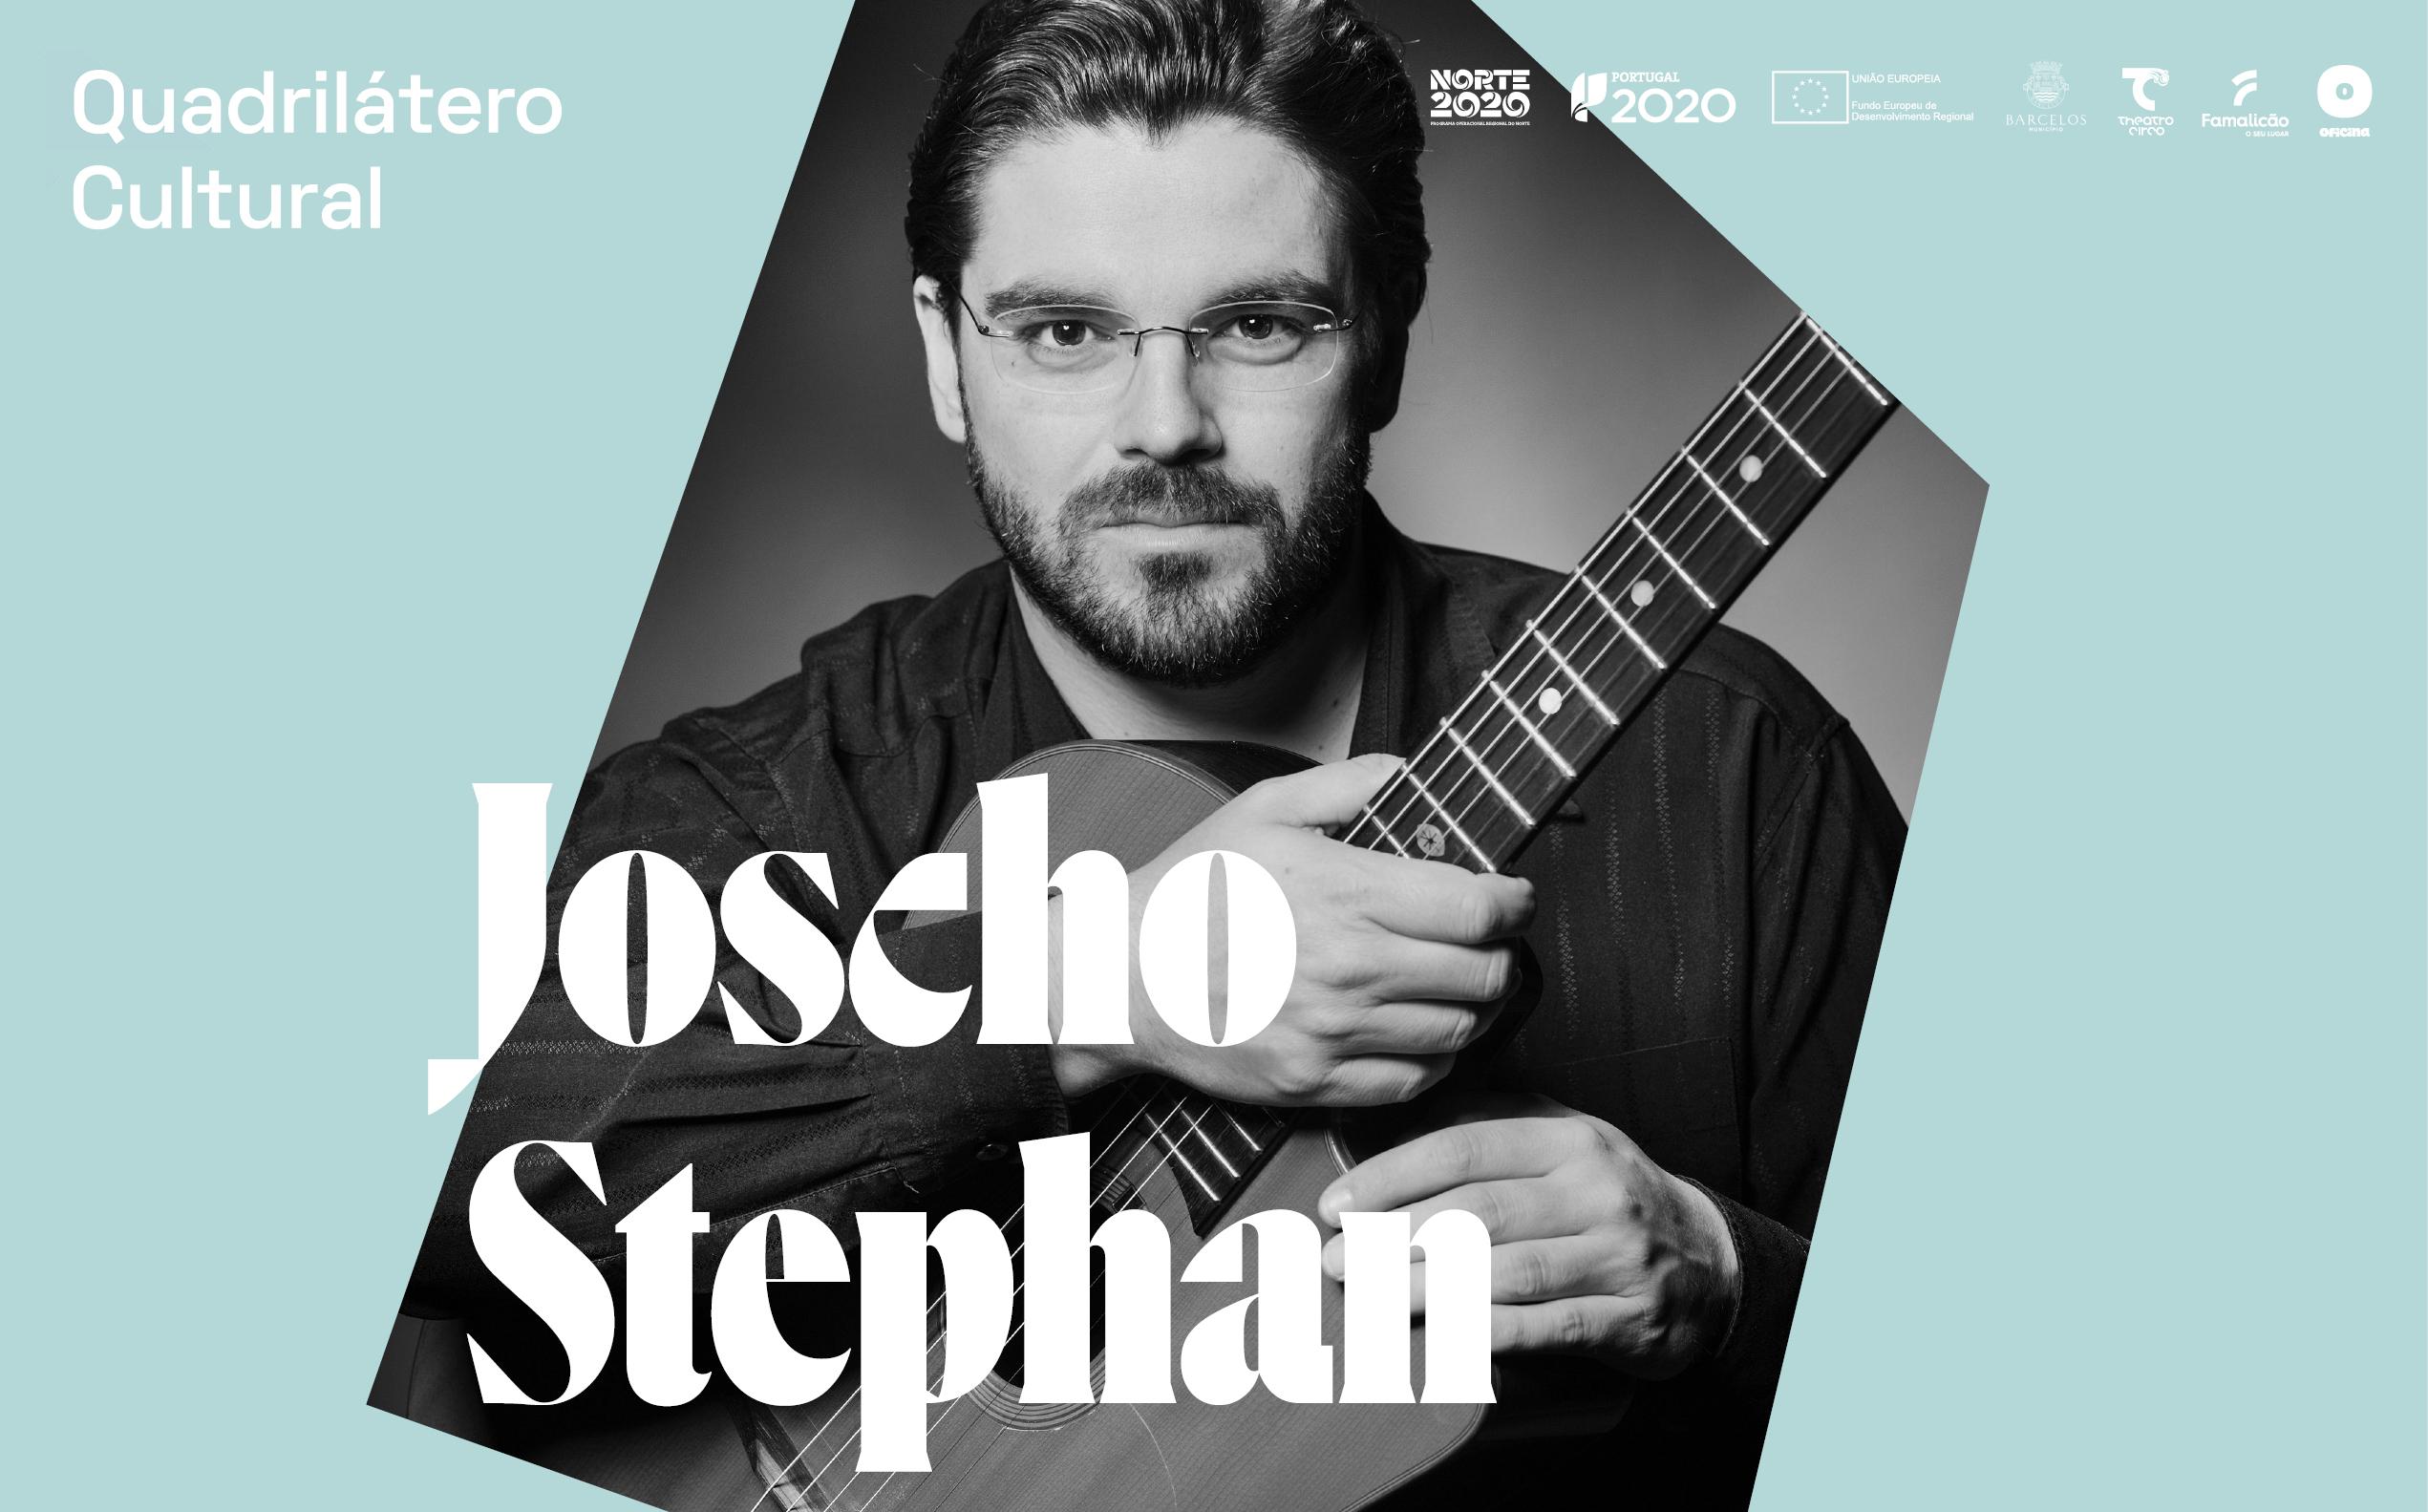 Espetáculo de Joscho Stephan estreia em Barcelos com masterclass com músicos locais